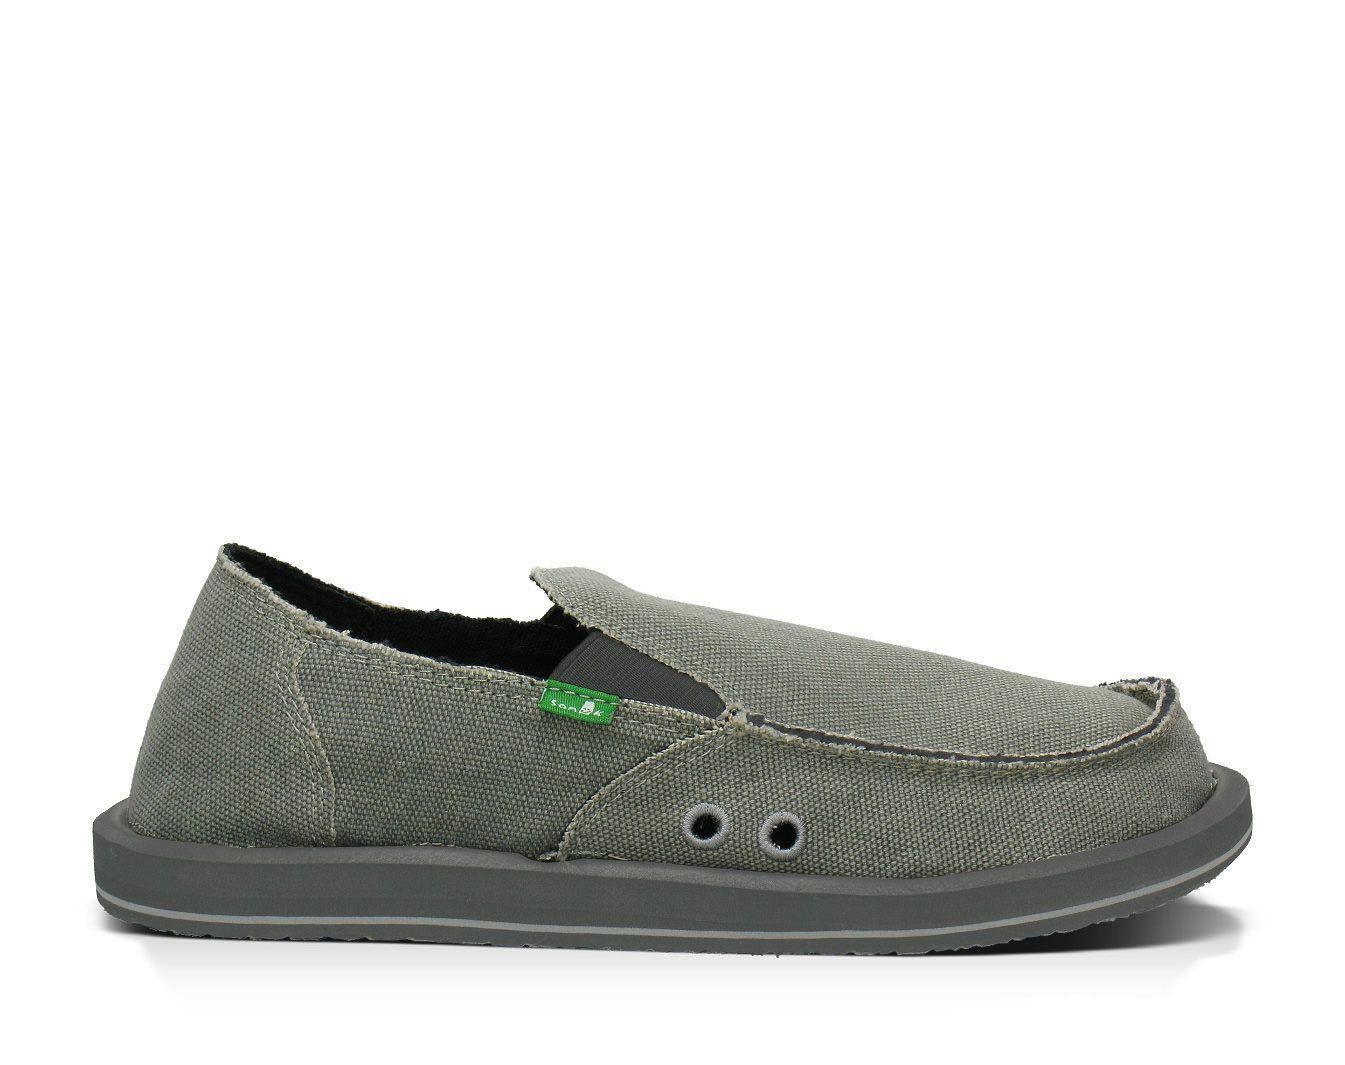 Vagabond | Slip on shoes, Surfer shoes